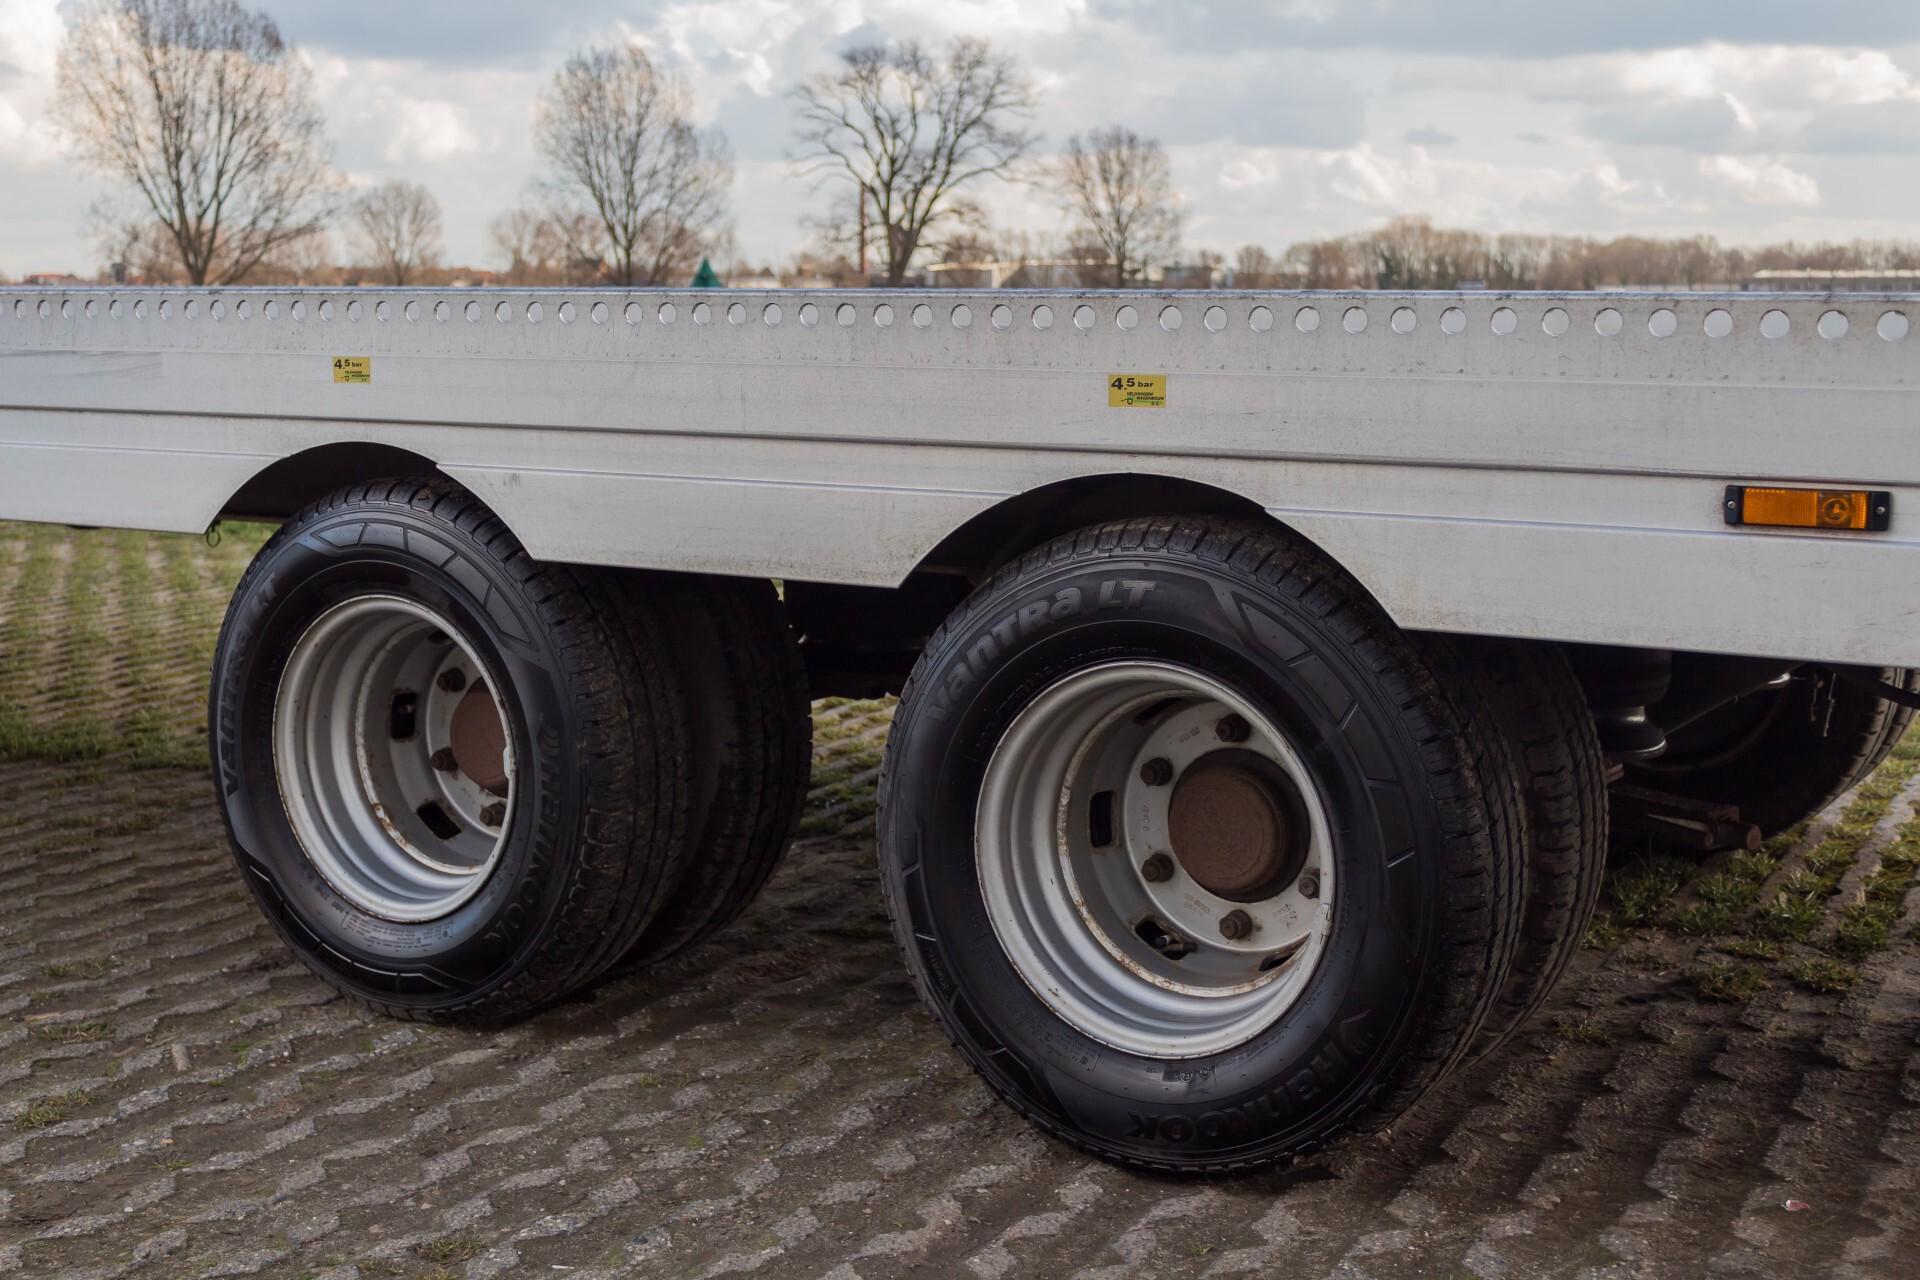 Mercedes-Benz Sprinter 518 3.0 Cdi V6 Oprijwagen / Auto ambulance 7360 kg Foto 30